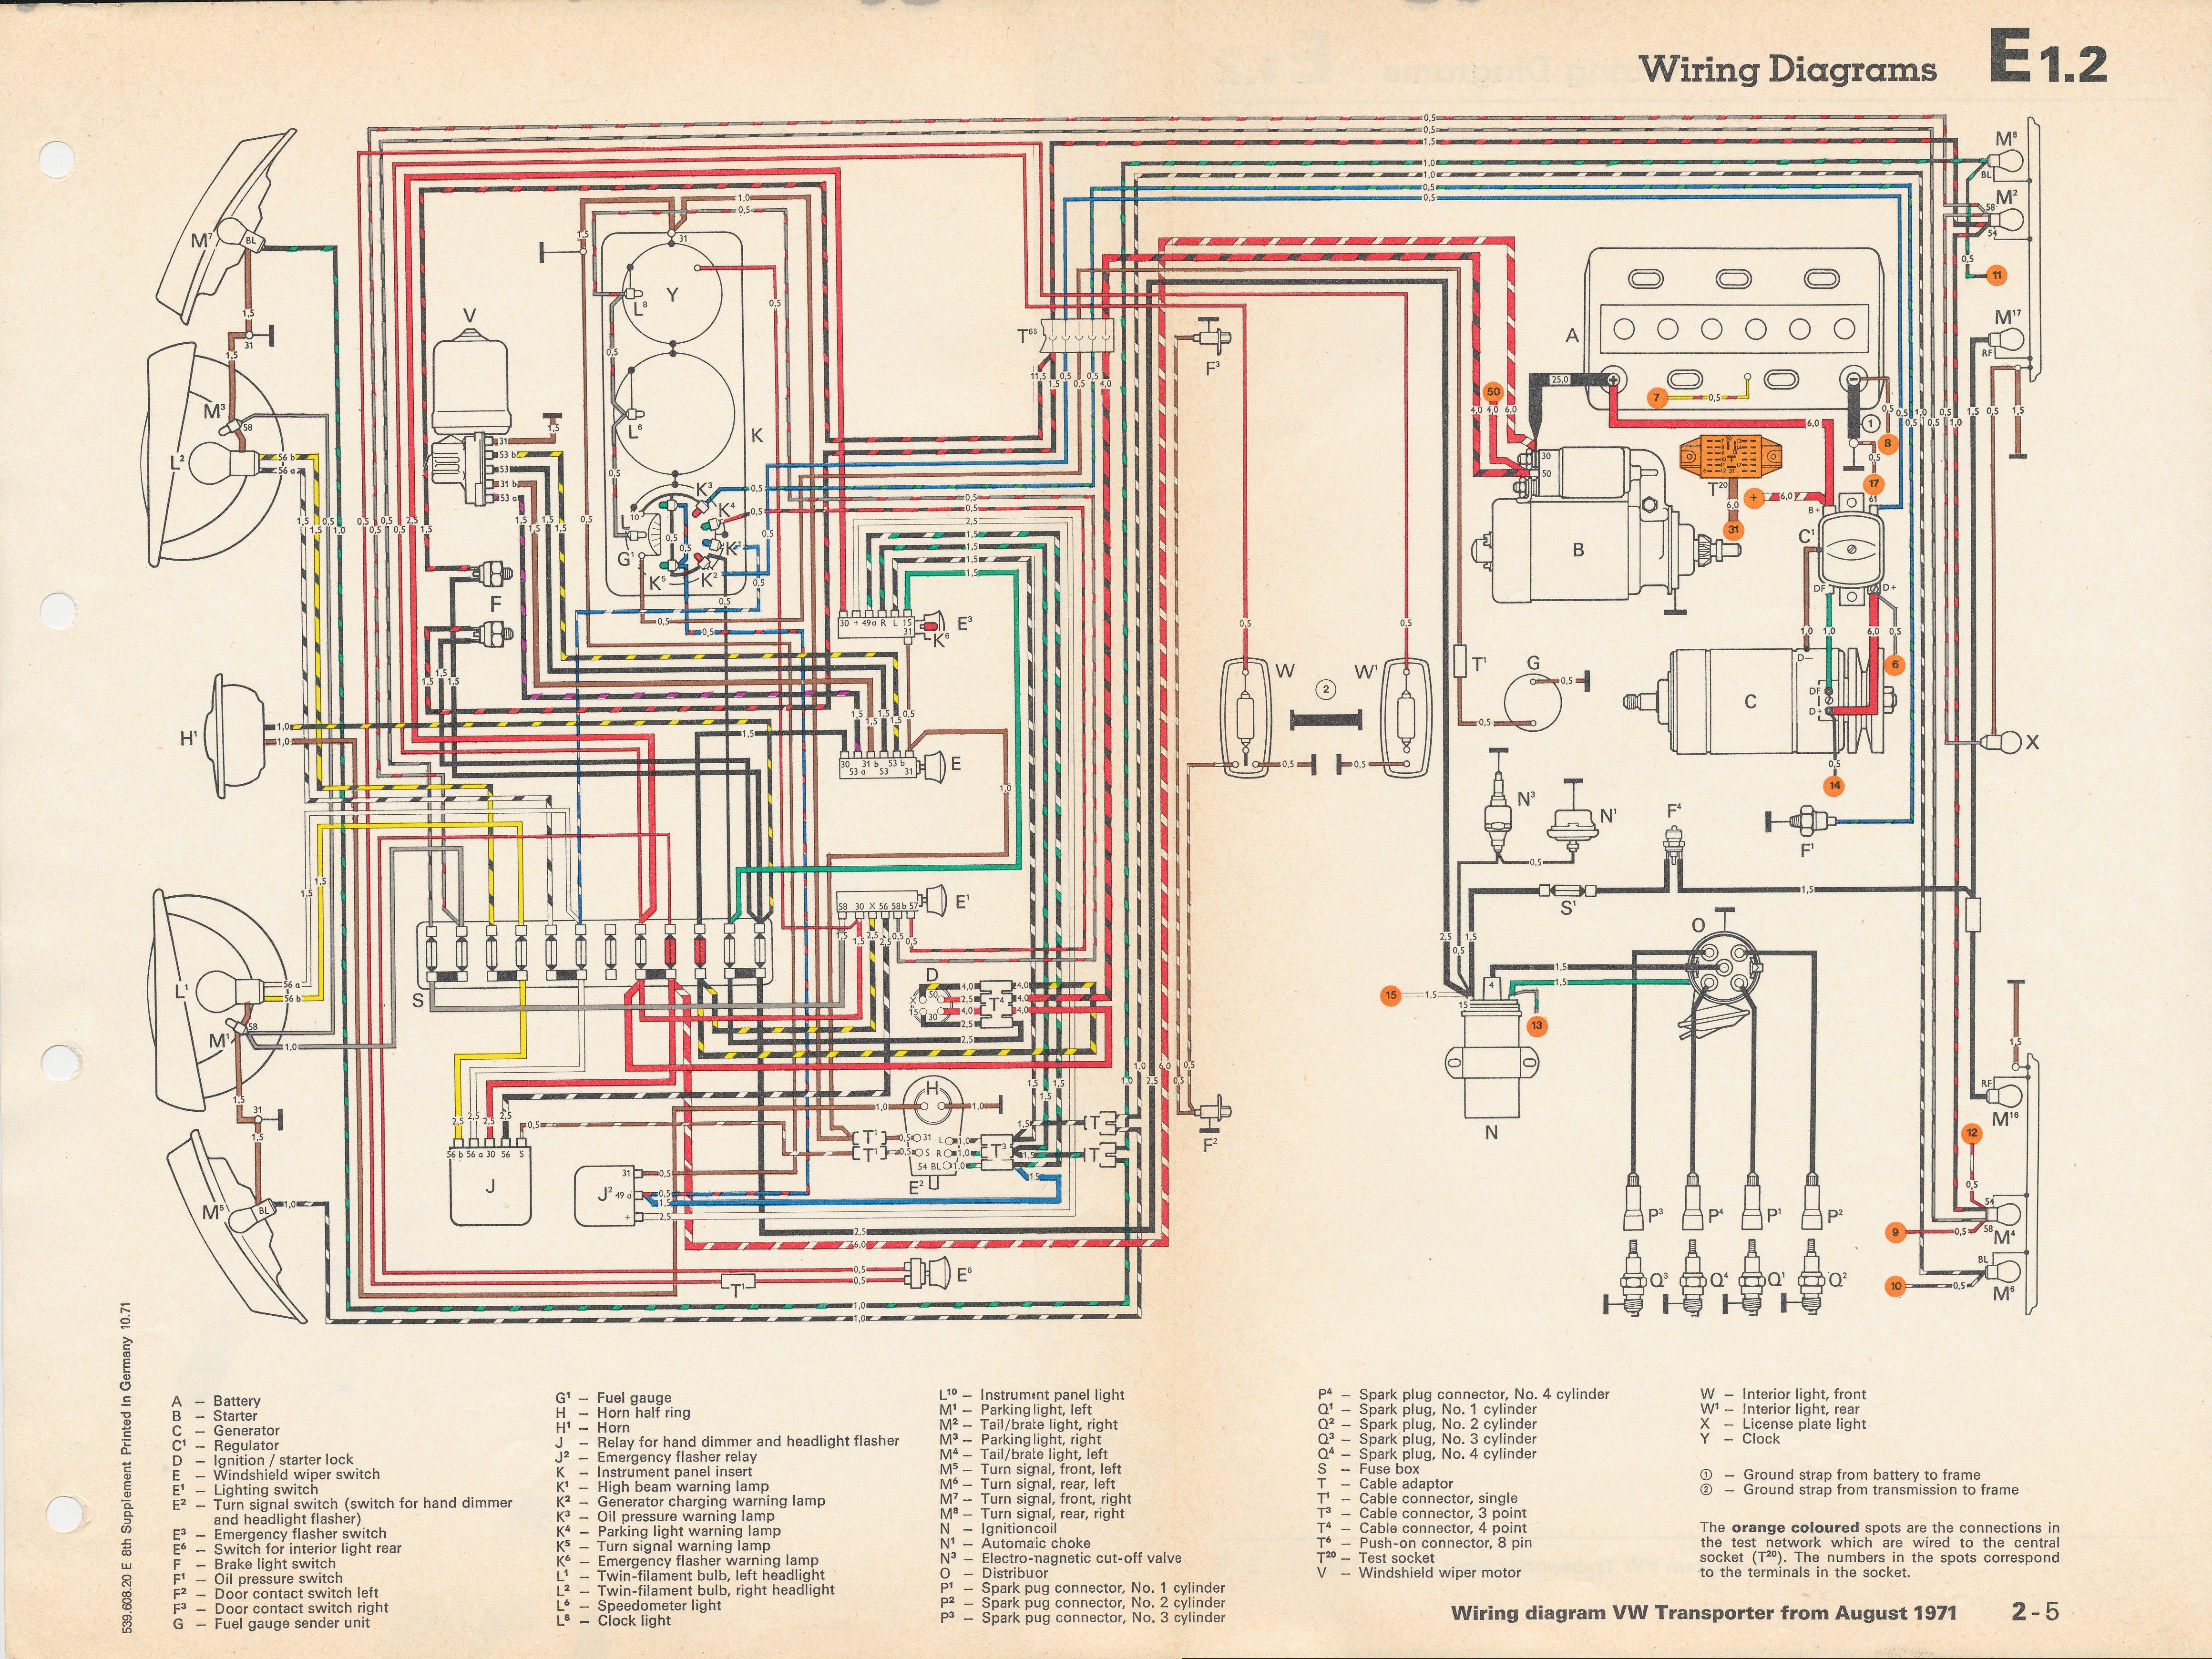 1974 vw bus wiring diagram wiring diagram IC Bus Wiring Diagram 1974 vw bus wiring diagram